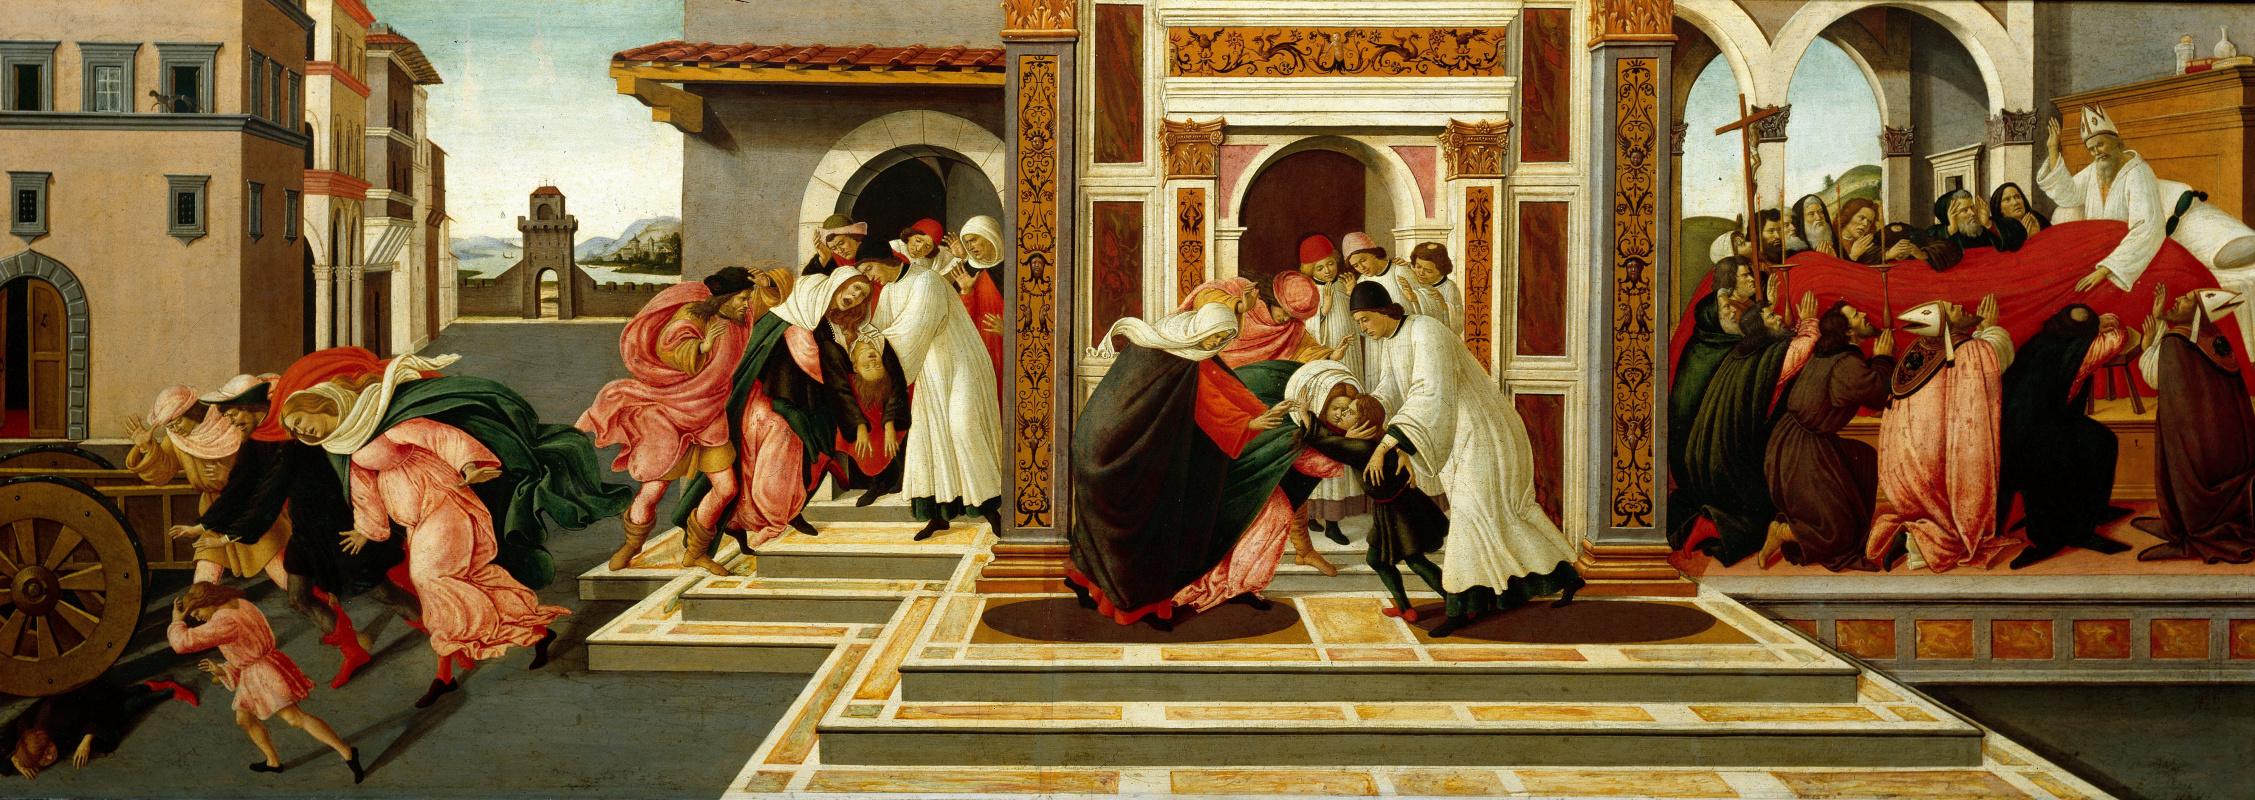 Сандро Боттичелли. Четыре сцены из жизни Святого Зиновия. Последнее чудо и смерть святого